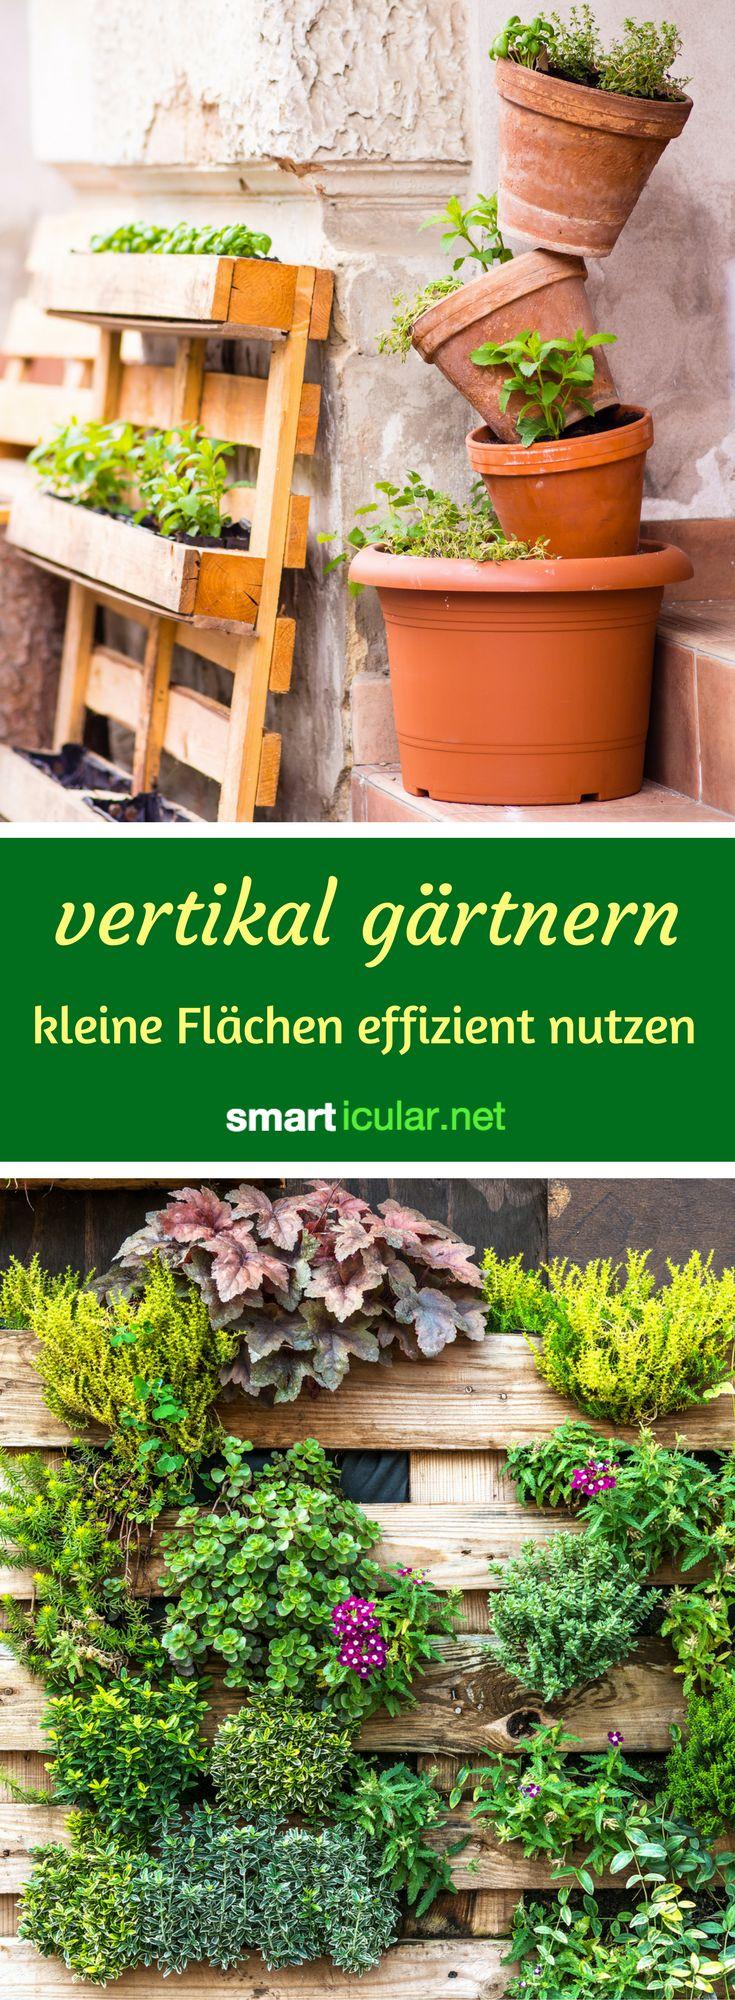 26 best images about z inspiration vertikaler garten on pinterest, Gartengerate ideen